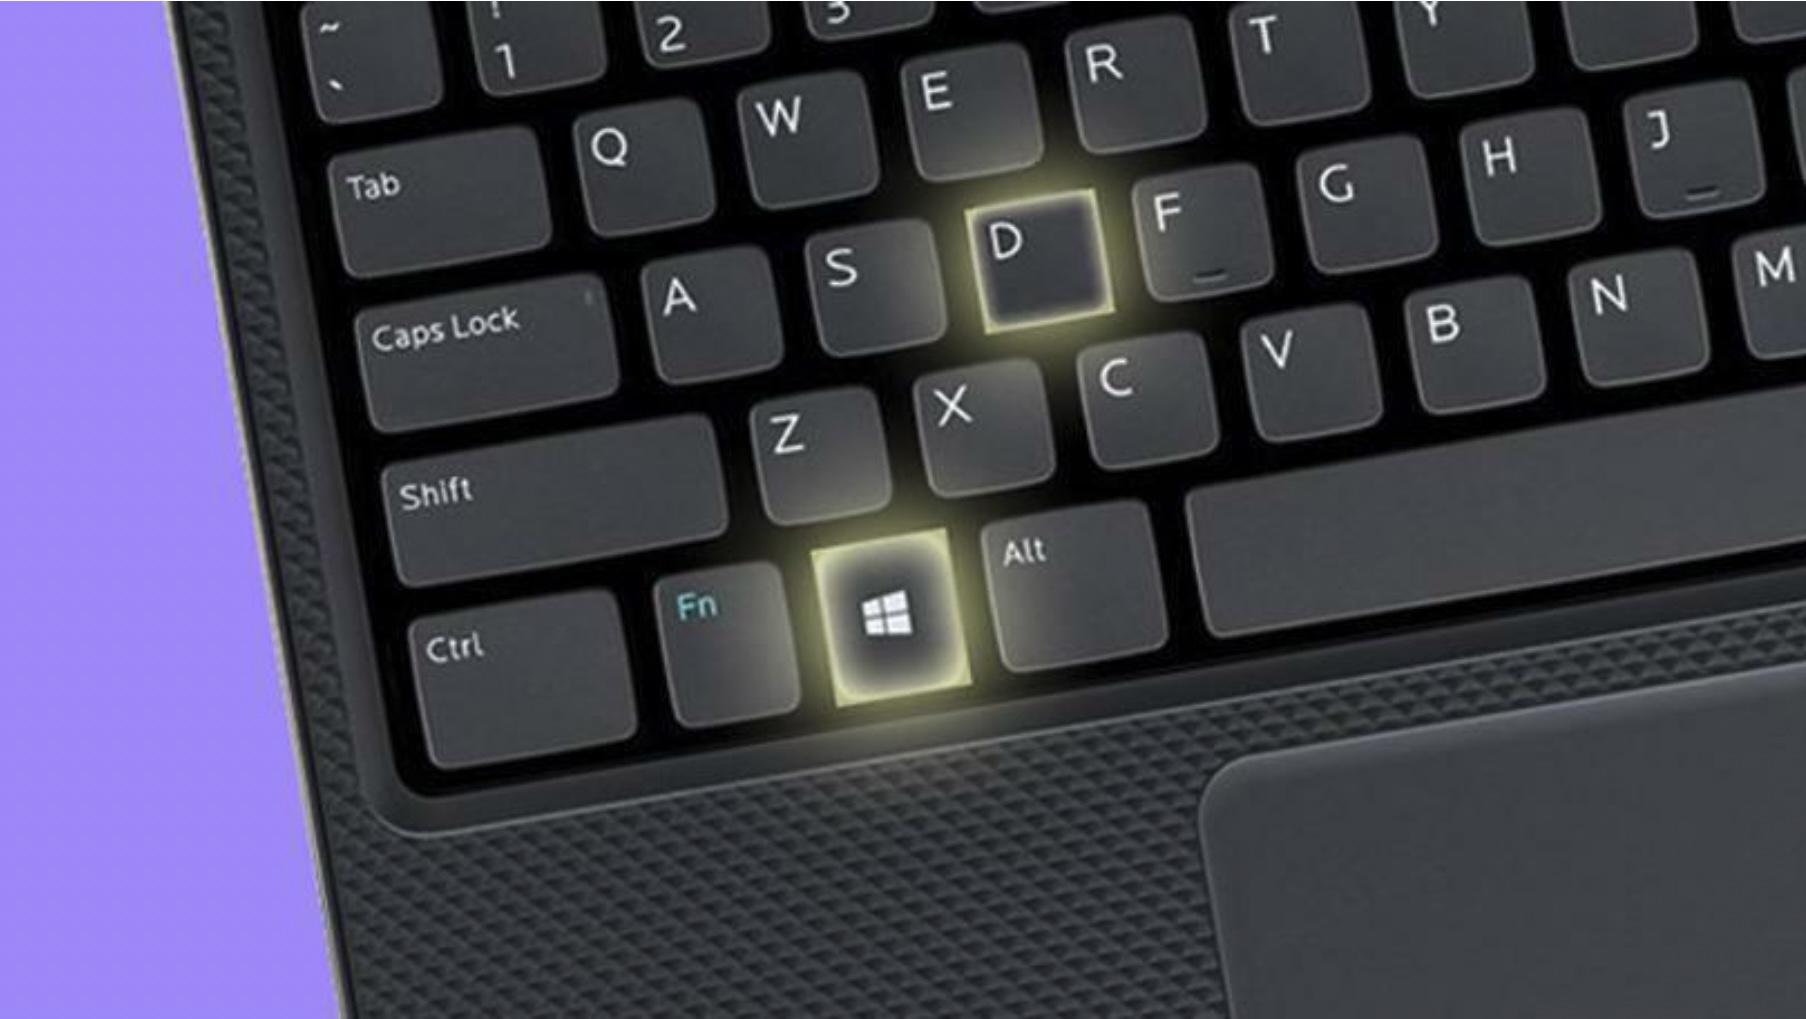 Lerne die wichtigsten Tastaturkürzel